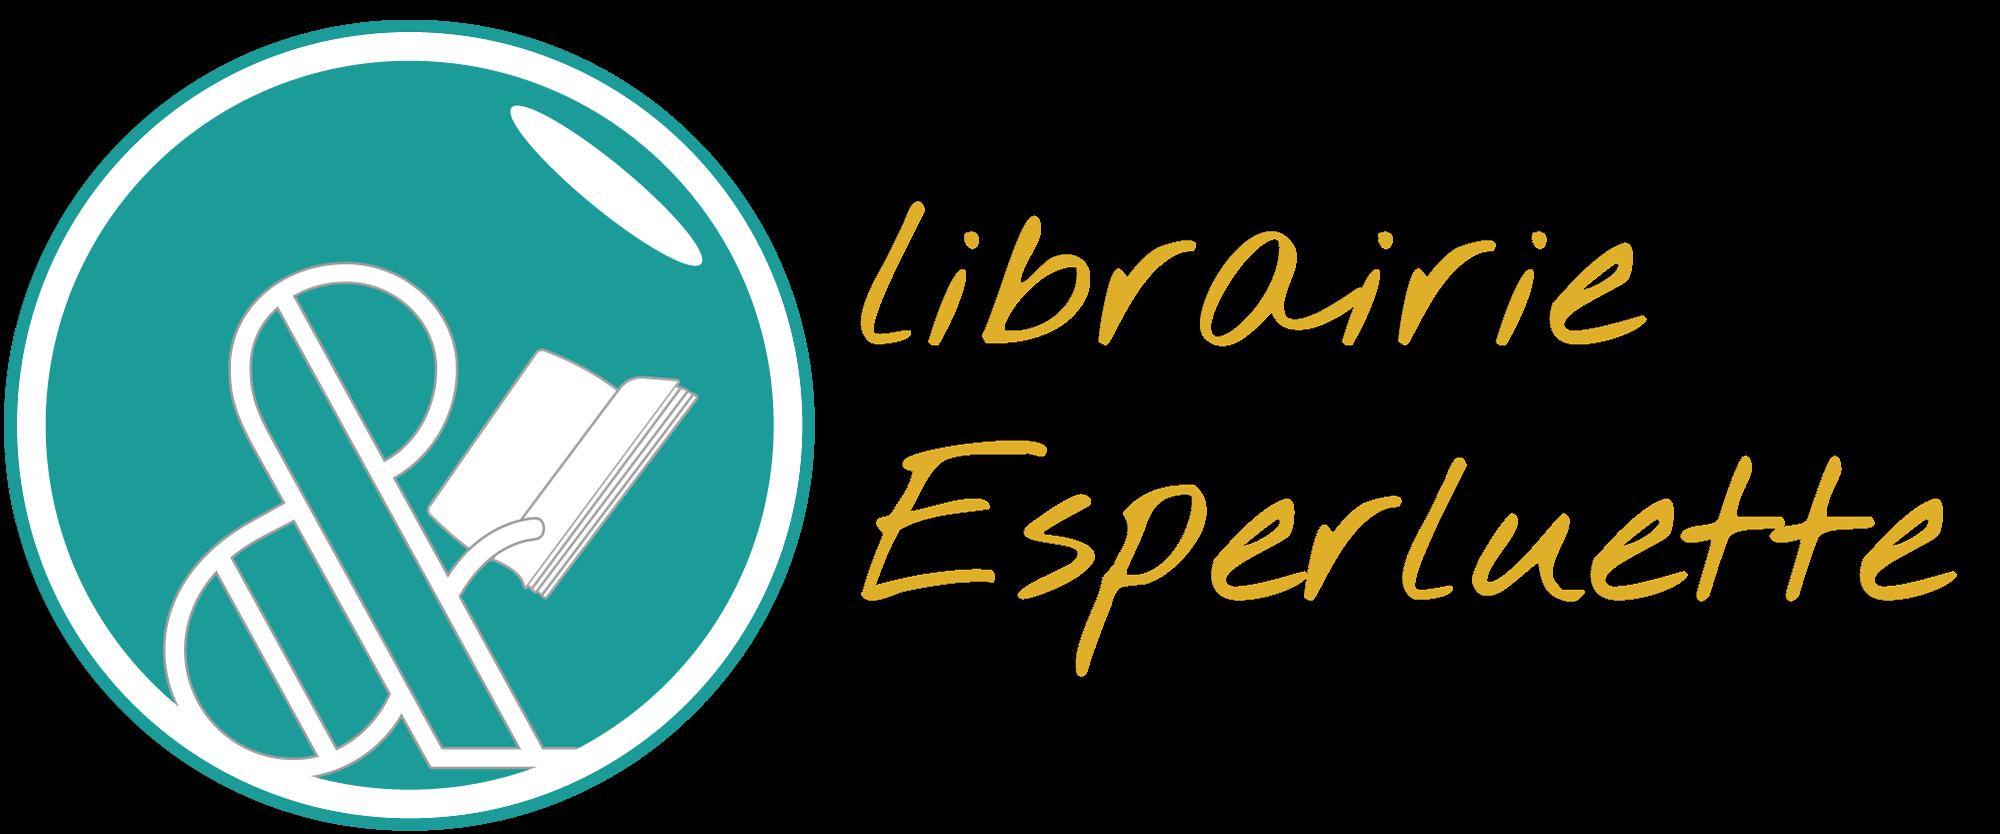 Librairie Esperluette